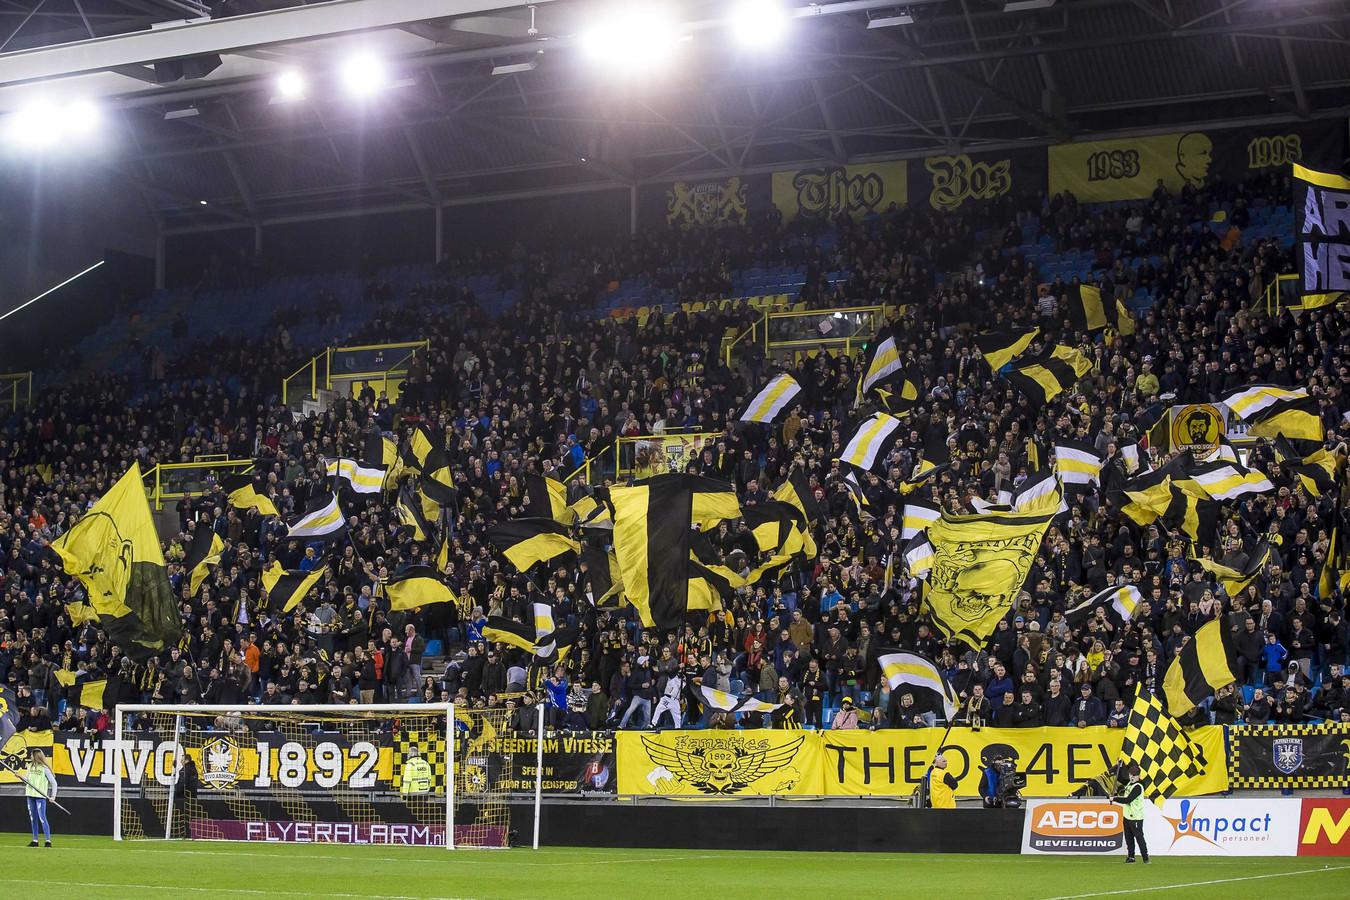 Vlaggen op de Theo Bos Zuid-tribune in GelreDome bij Vitesse-Feyenoord.